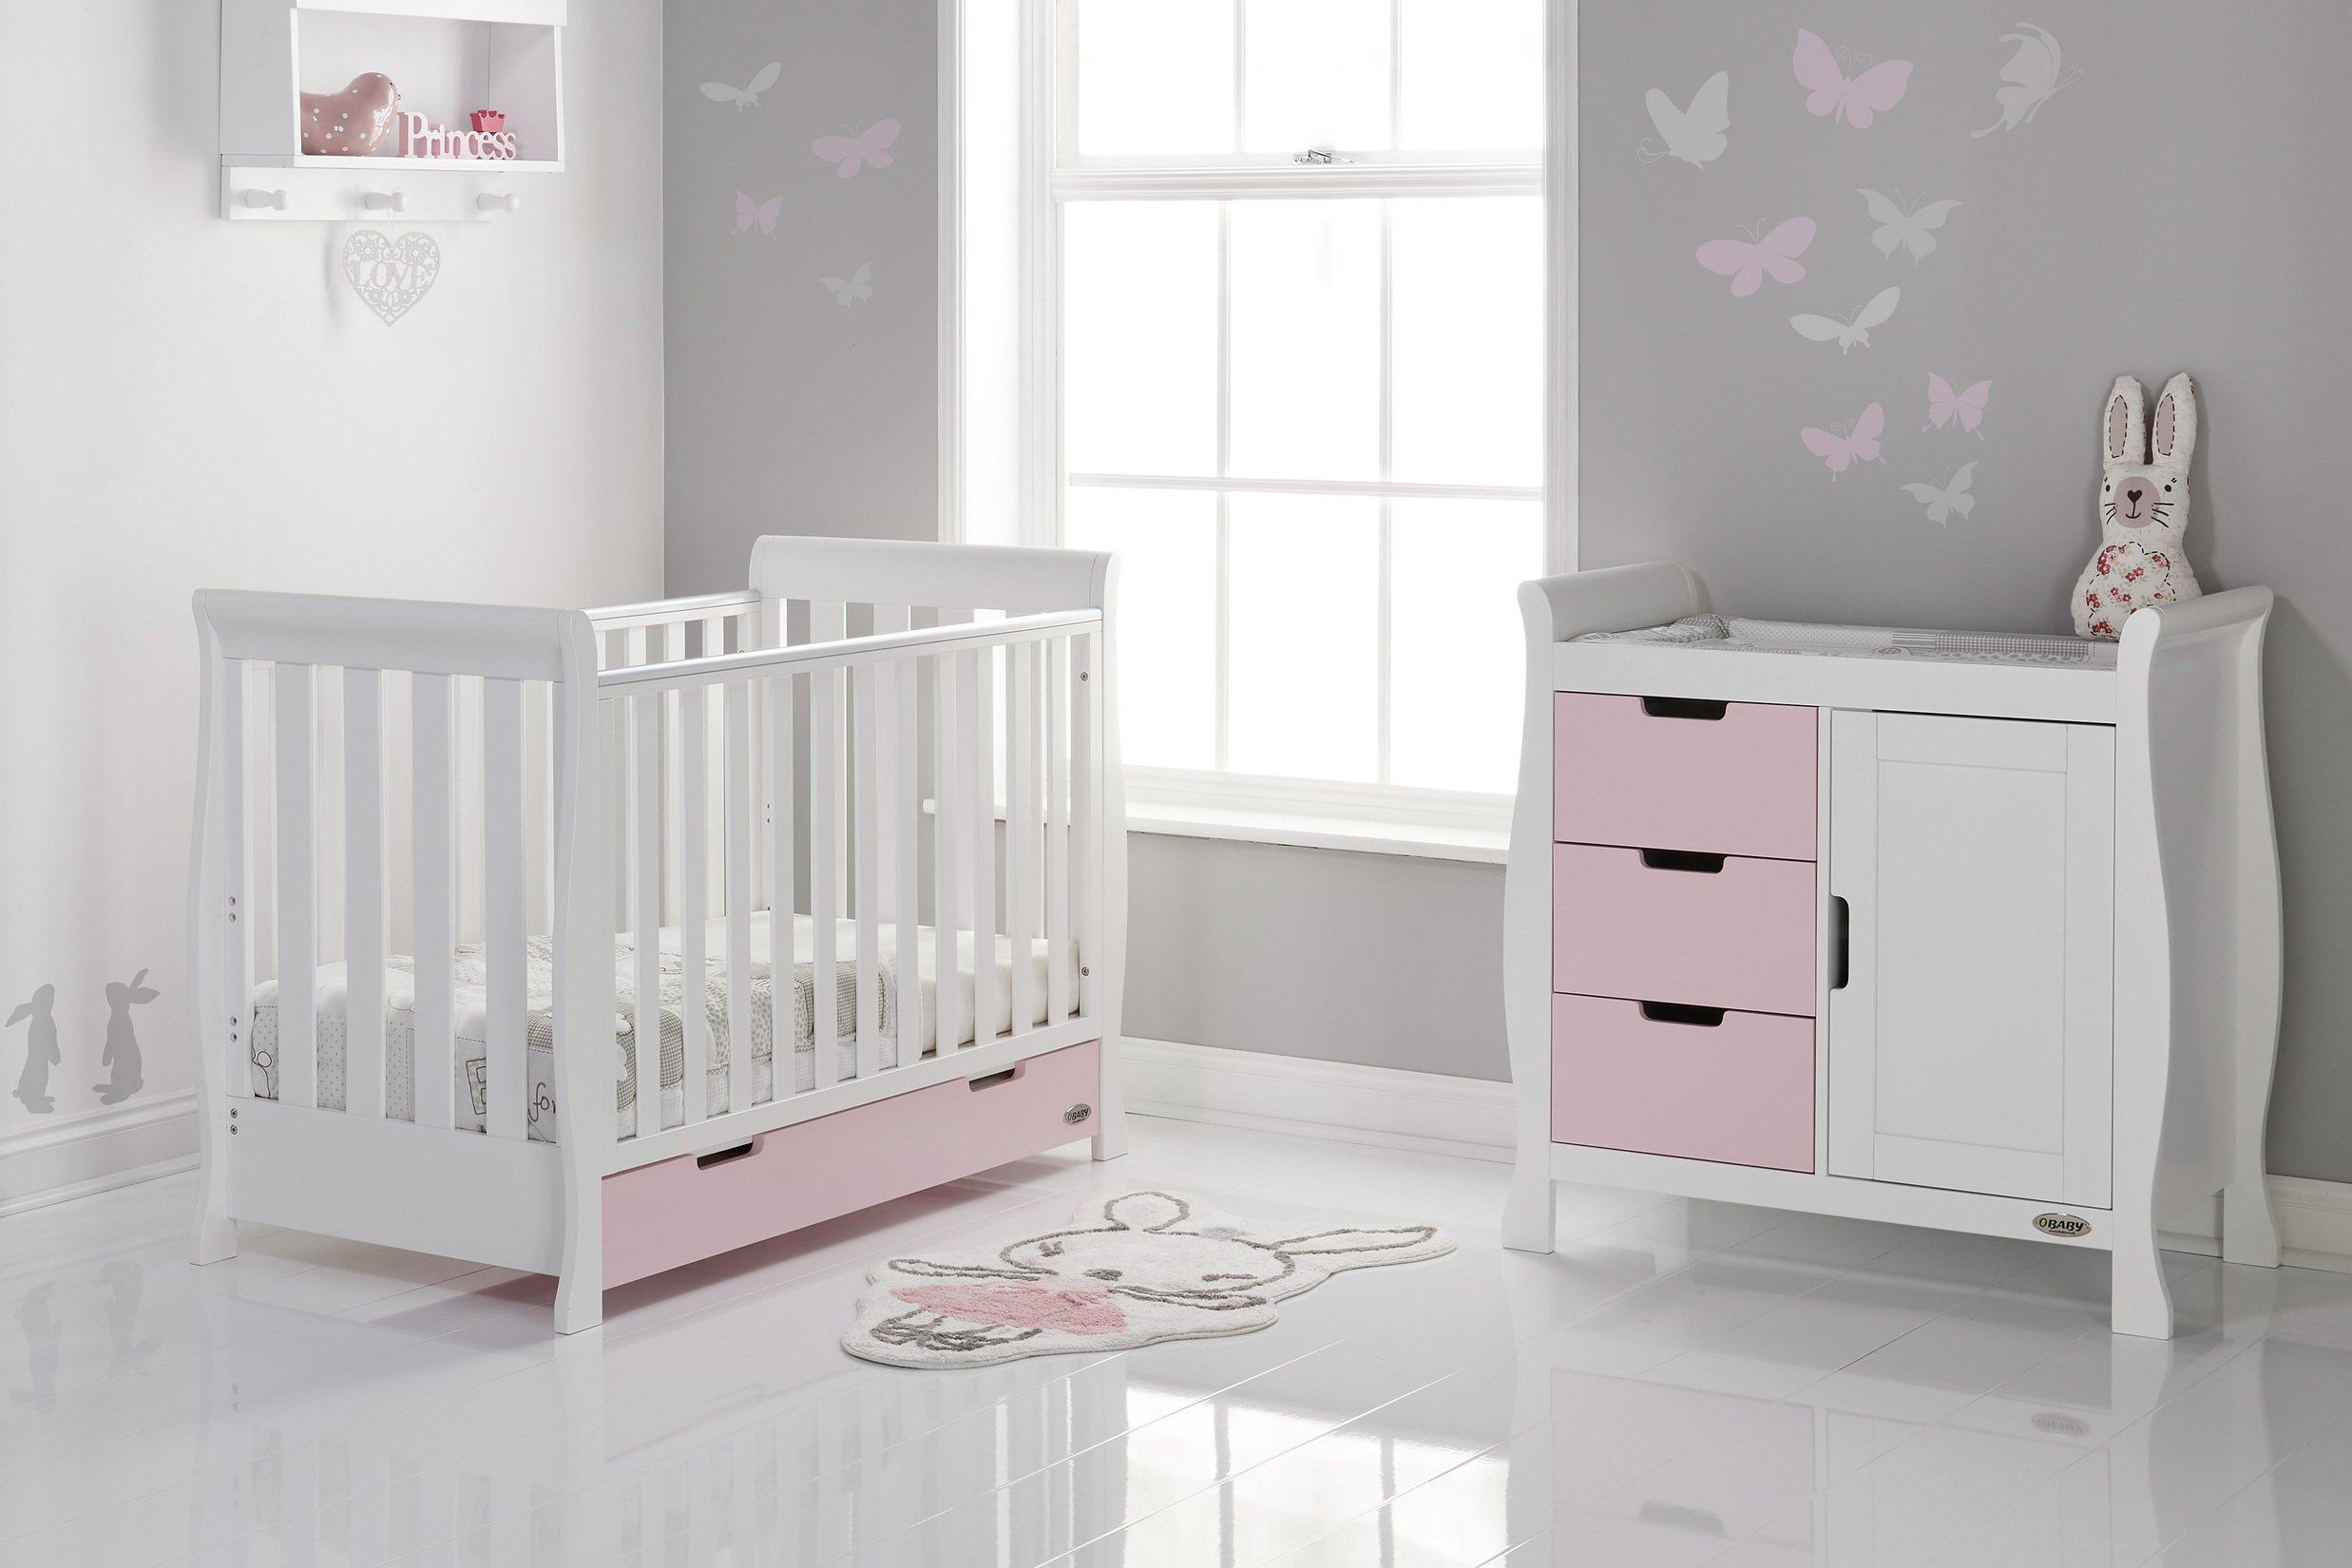 Obaby Stamford Mini Sleigh 2 Piece Room Set - White & Eton